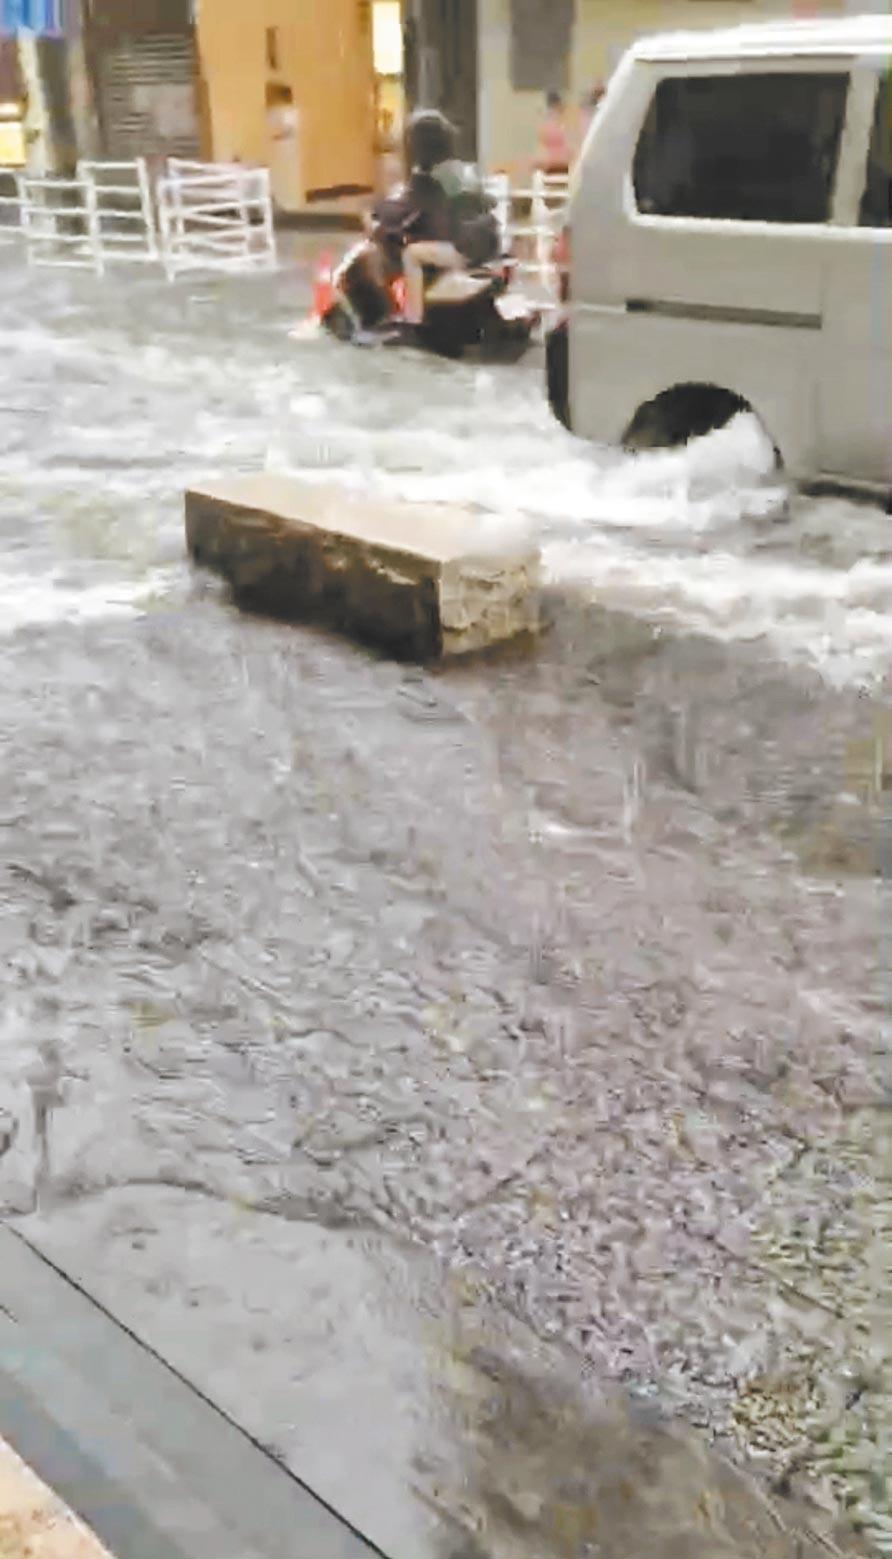 淡水老街淹大水,不少店家担心水愈淹愈高,酿成灾情,拉下铁门暂停营业。(民眾提供/戴上容新北传真)